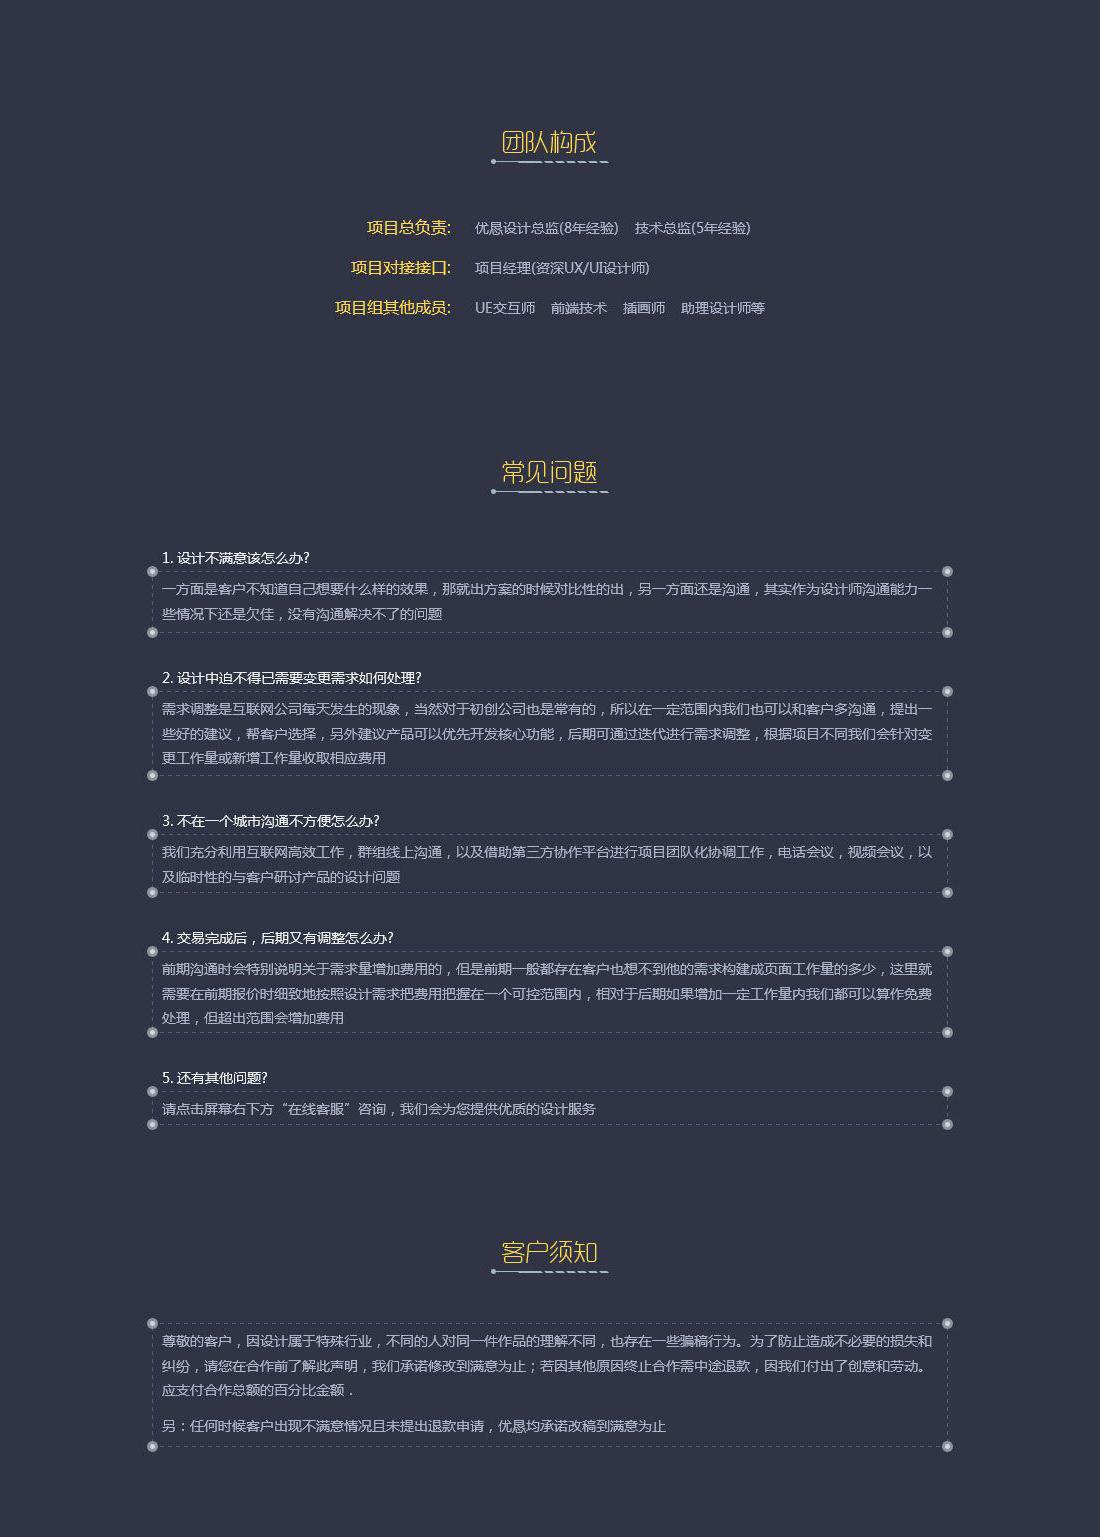 _Q版/日韩二次元/欧美/中国风现代可爱/萌系游戏美术UI界面8